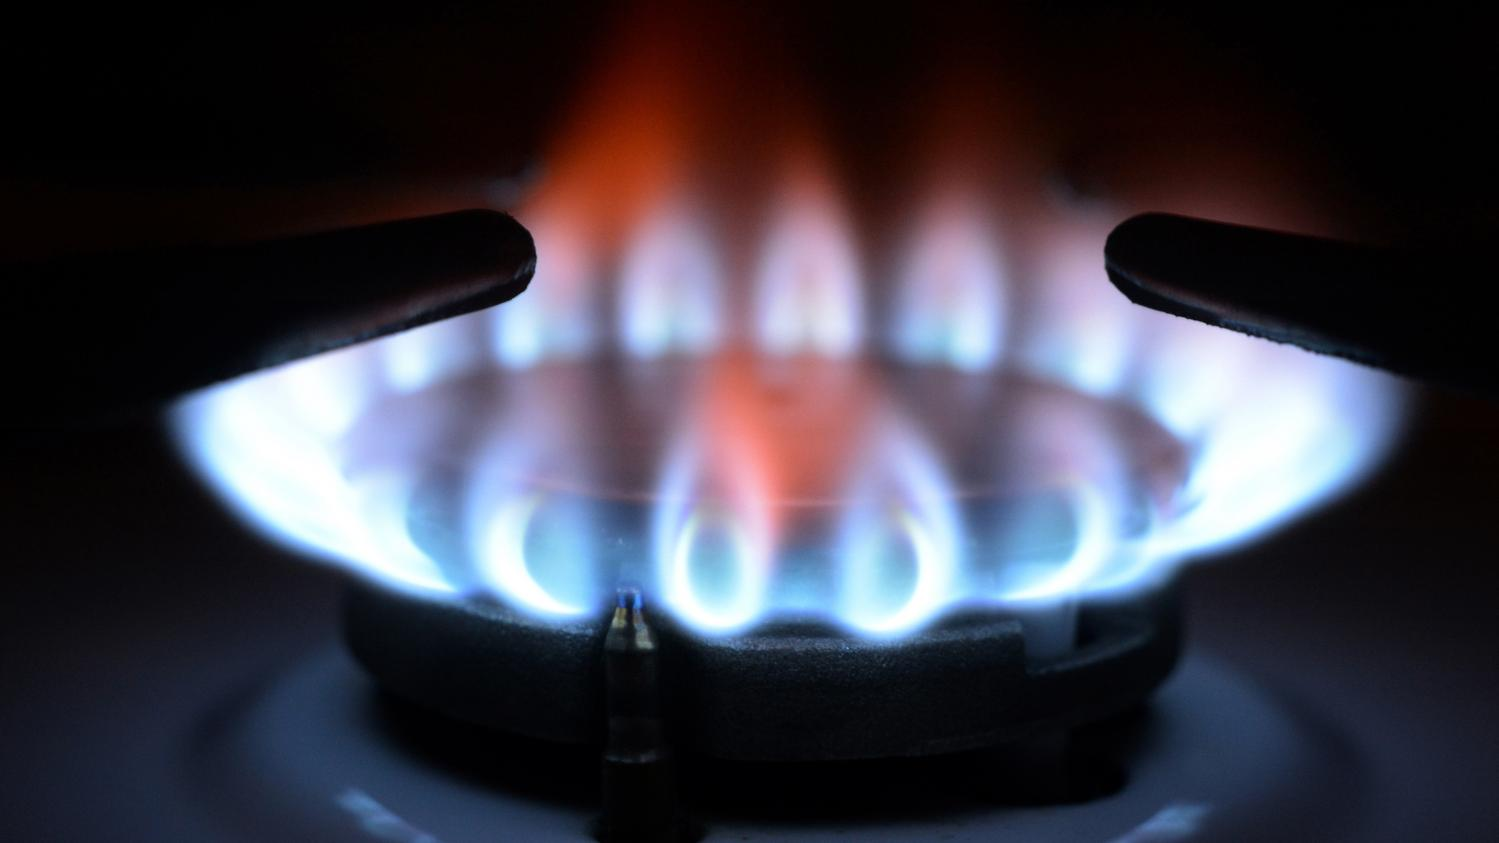 tarifs du gaz le gouvernement va en finir avec les tarifs r glement s du gaz l 39 ann e. Black Bedroom Furniture Sets. Home Design Ideas